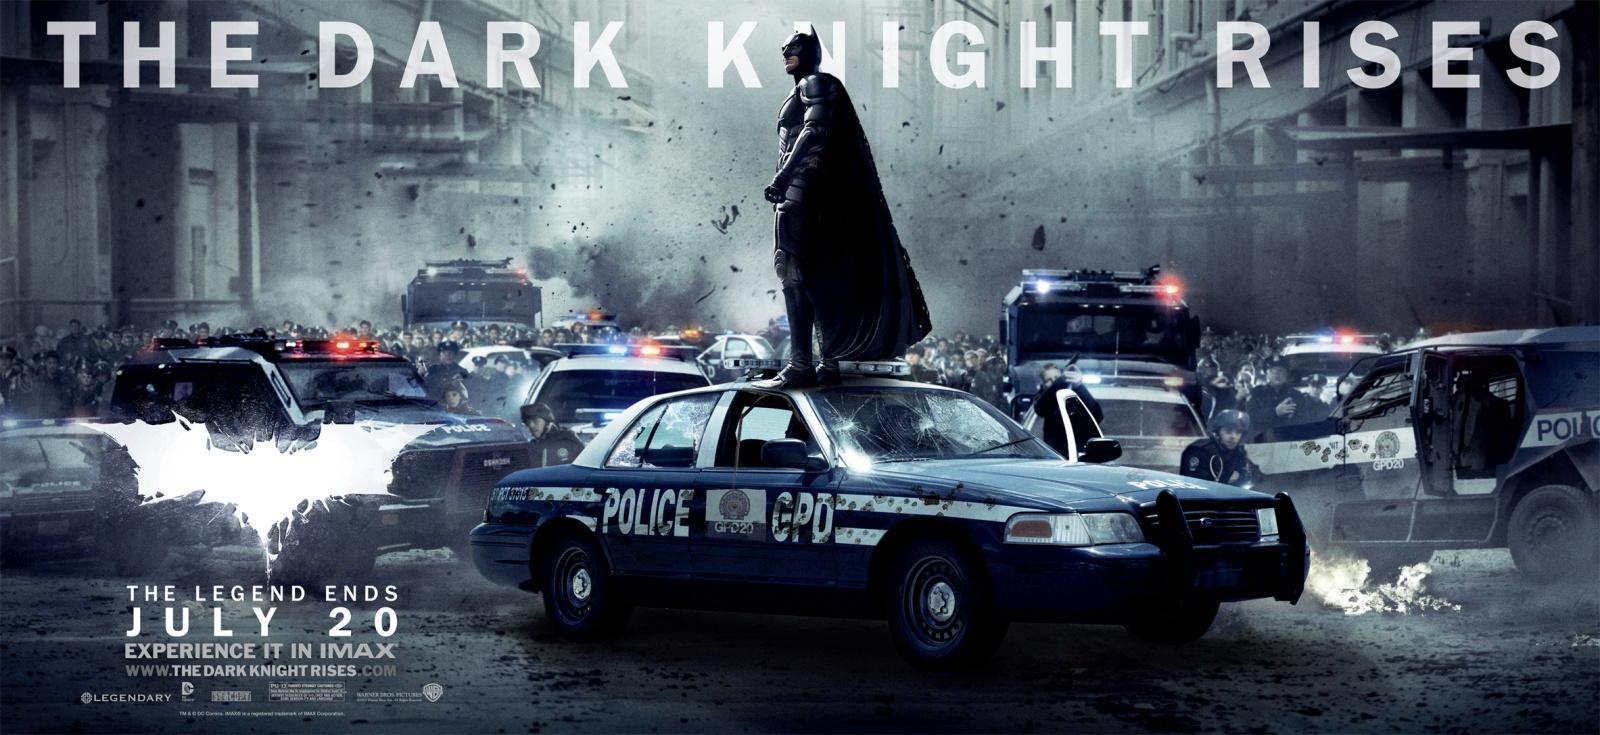 《黑暗骑士崛起》The Dark Knight Rises 4部电视宣传片段